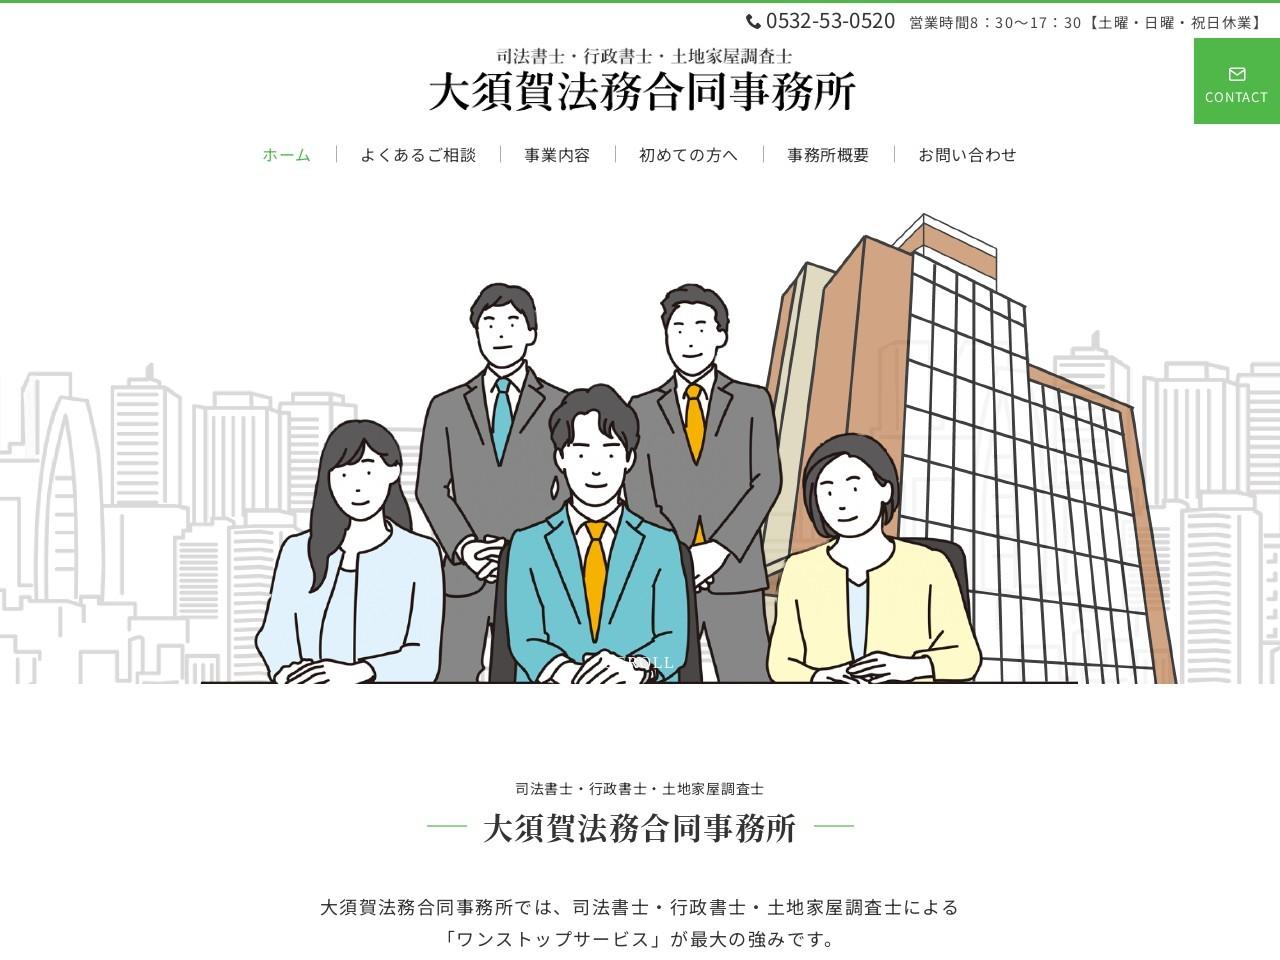 大須賀法務合同事務所